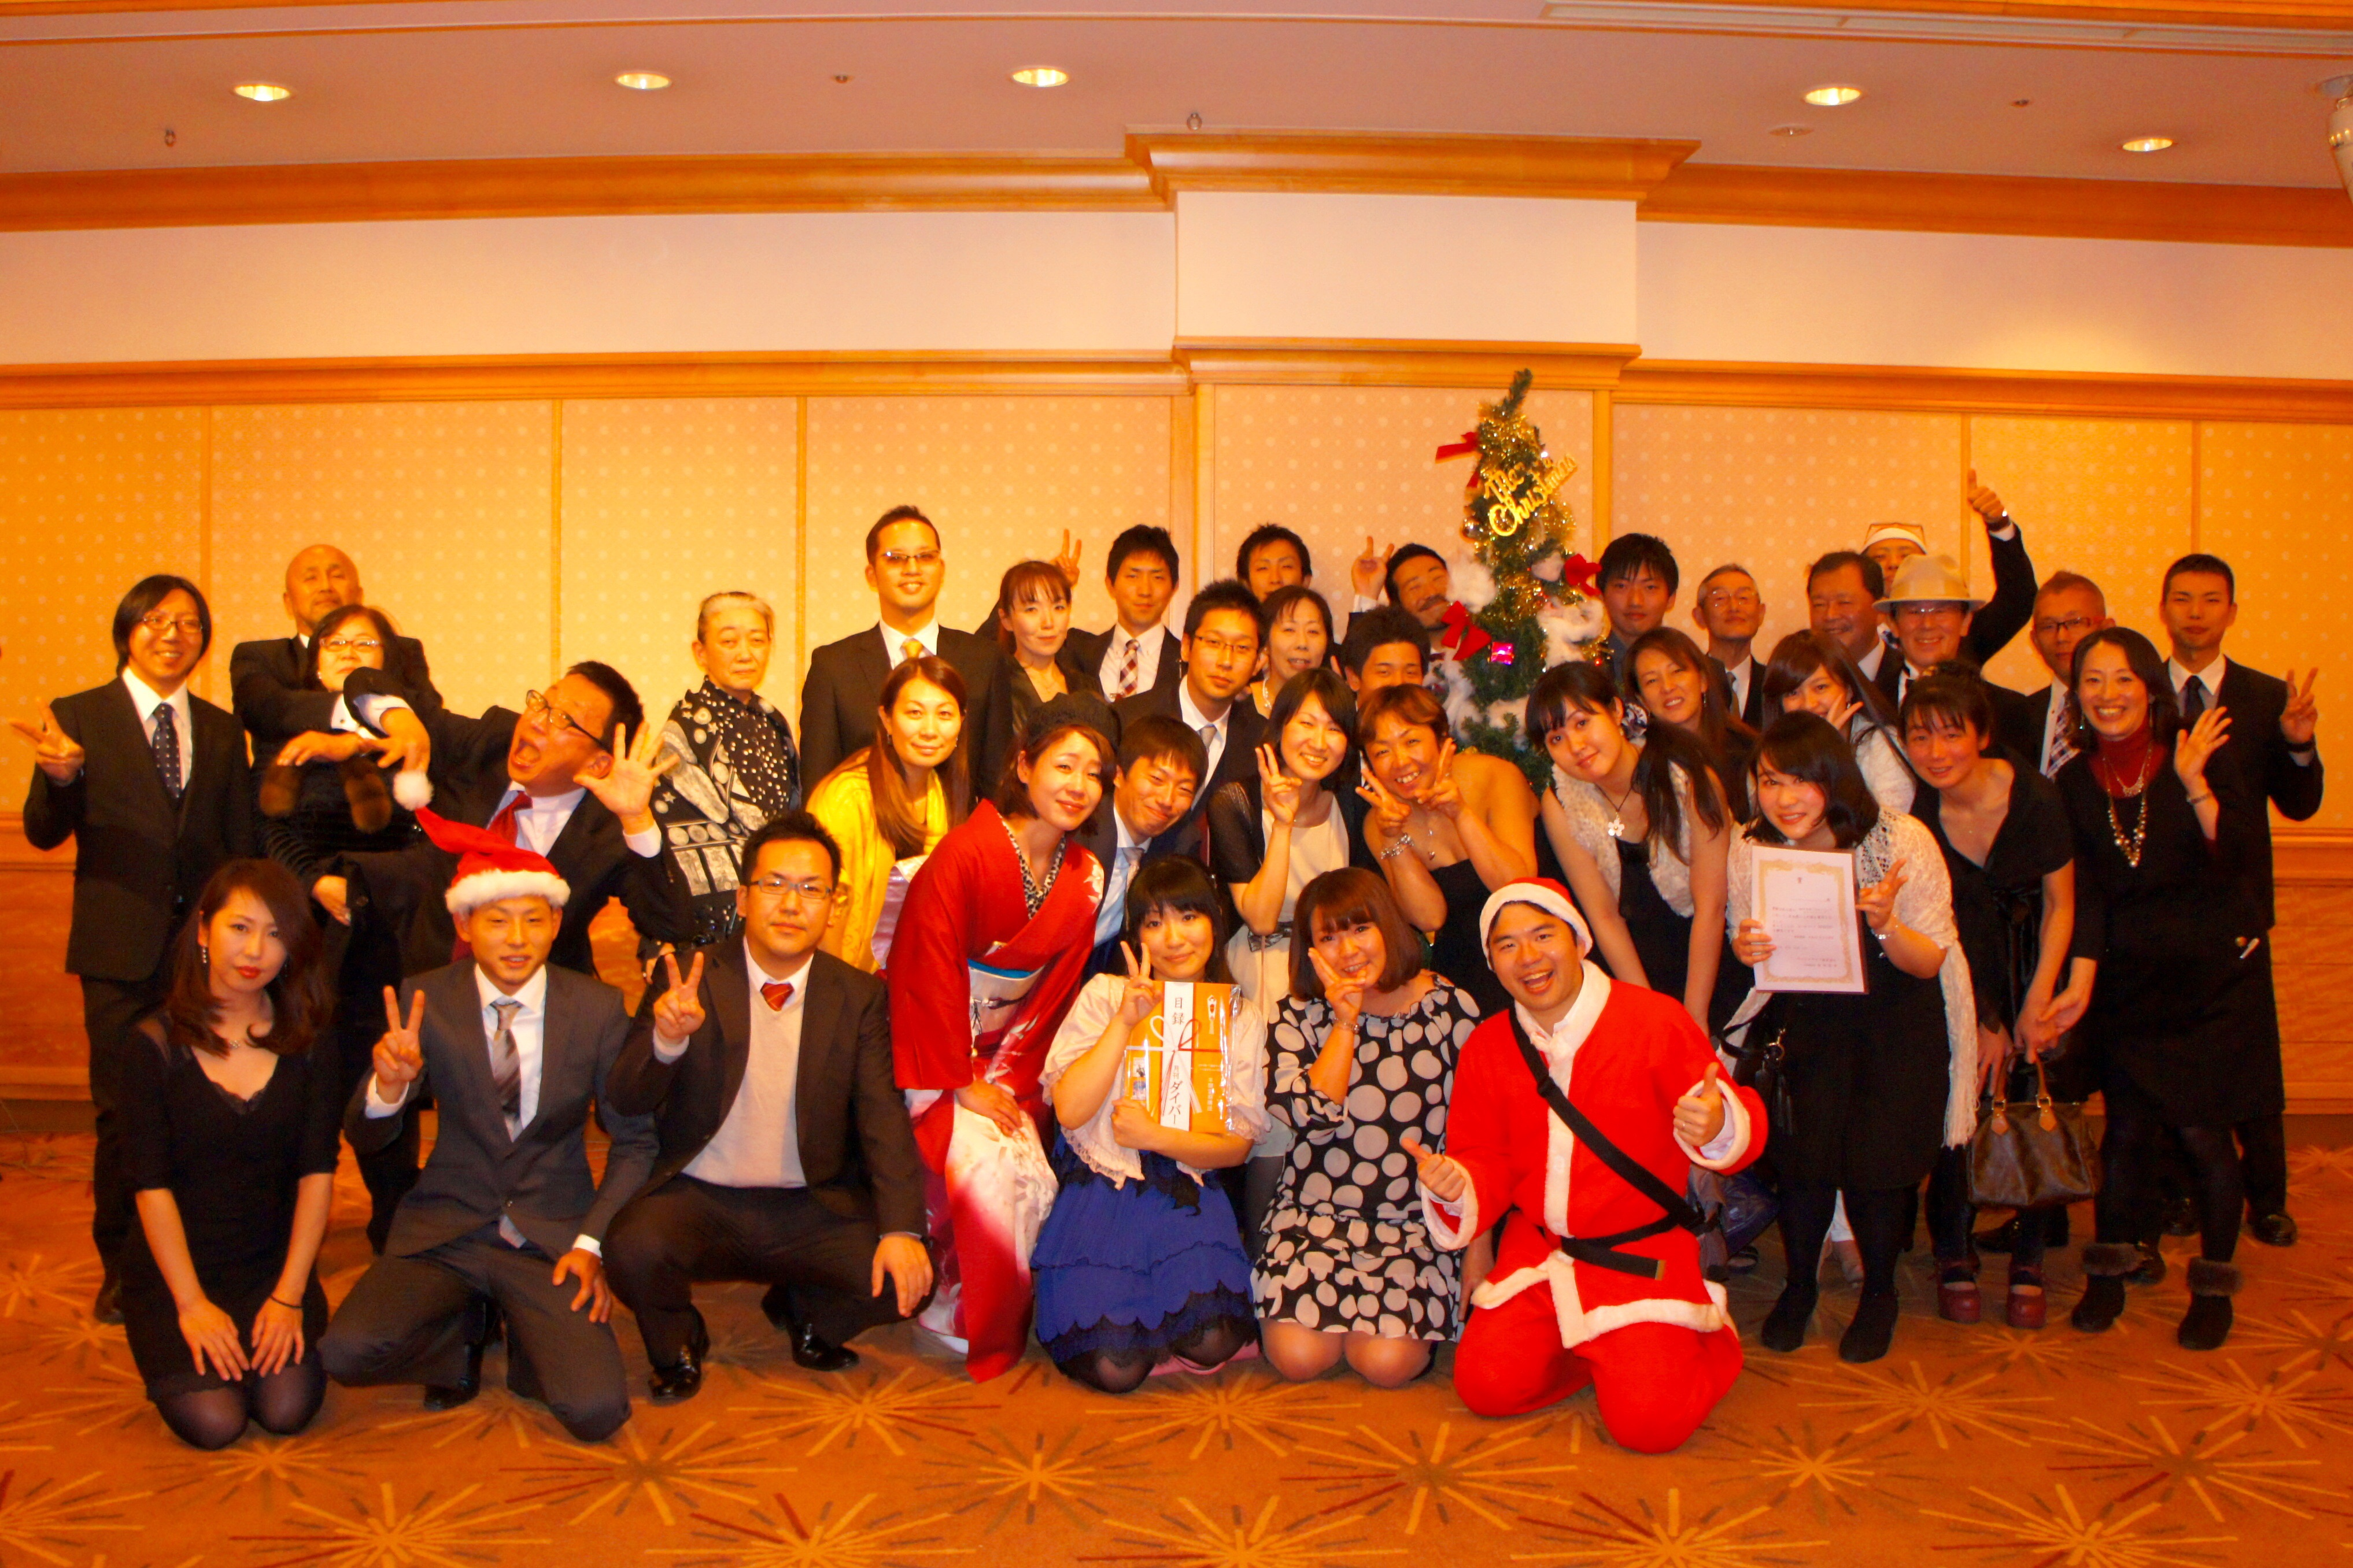 メリークリスマス( ´ ▽ ` )ノクリスマスパーティ@帝国ホテル[1]